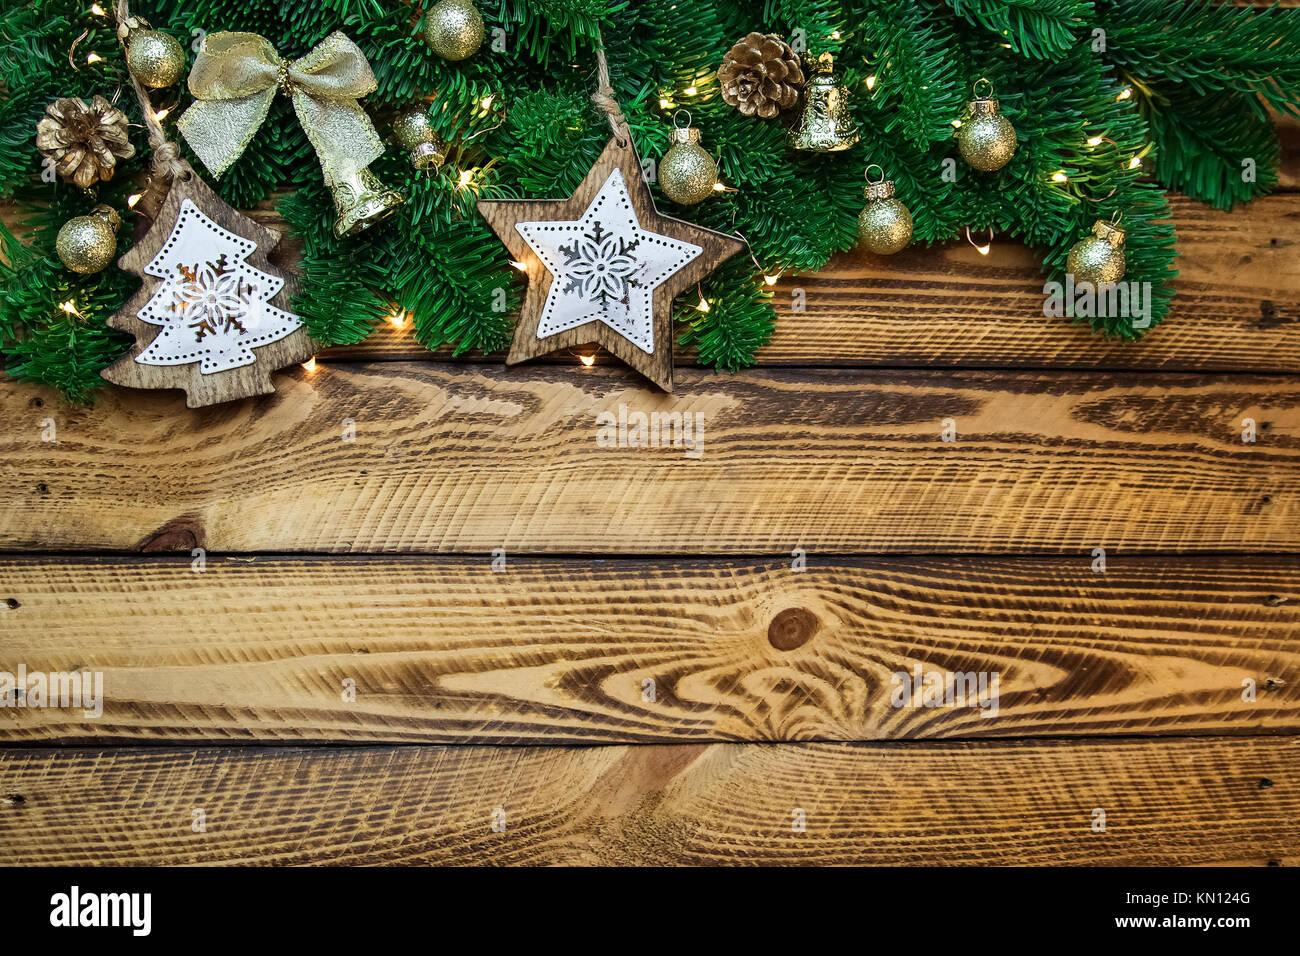 la décoration traditionnelle de noël avec des branches de sapin sur